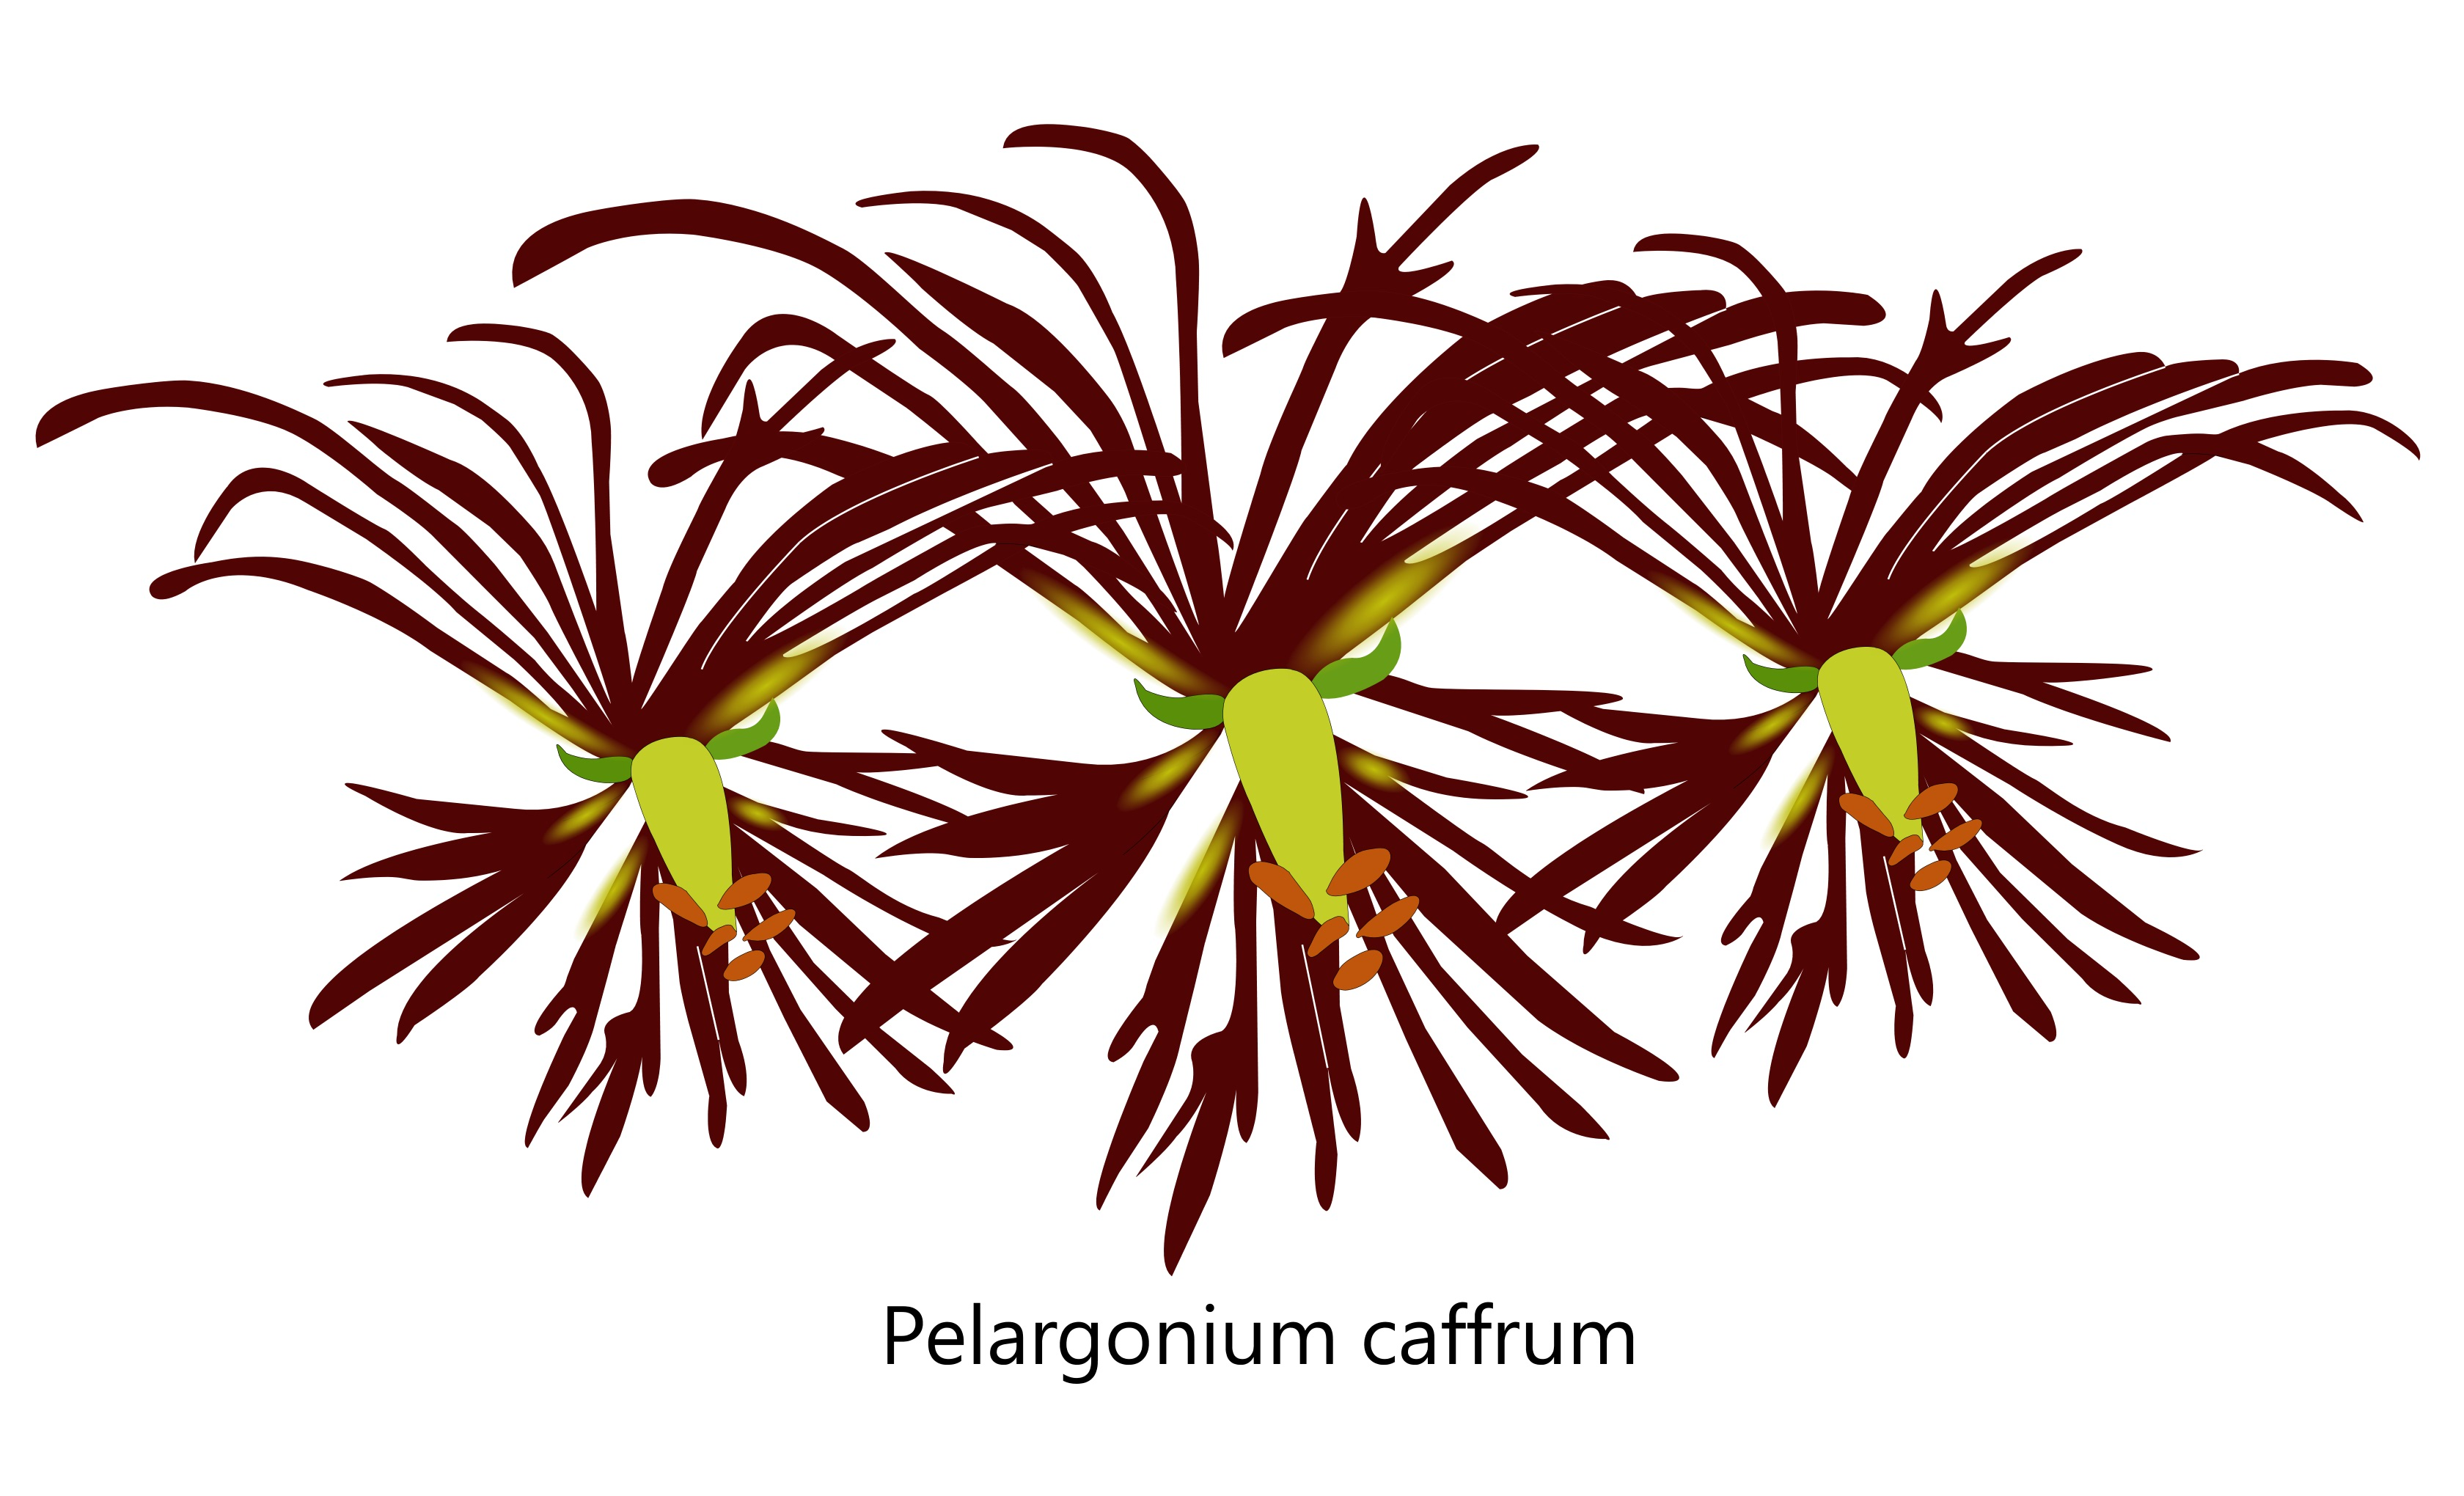 pelargonium caffrum illustration